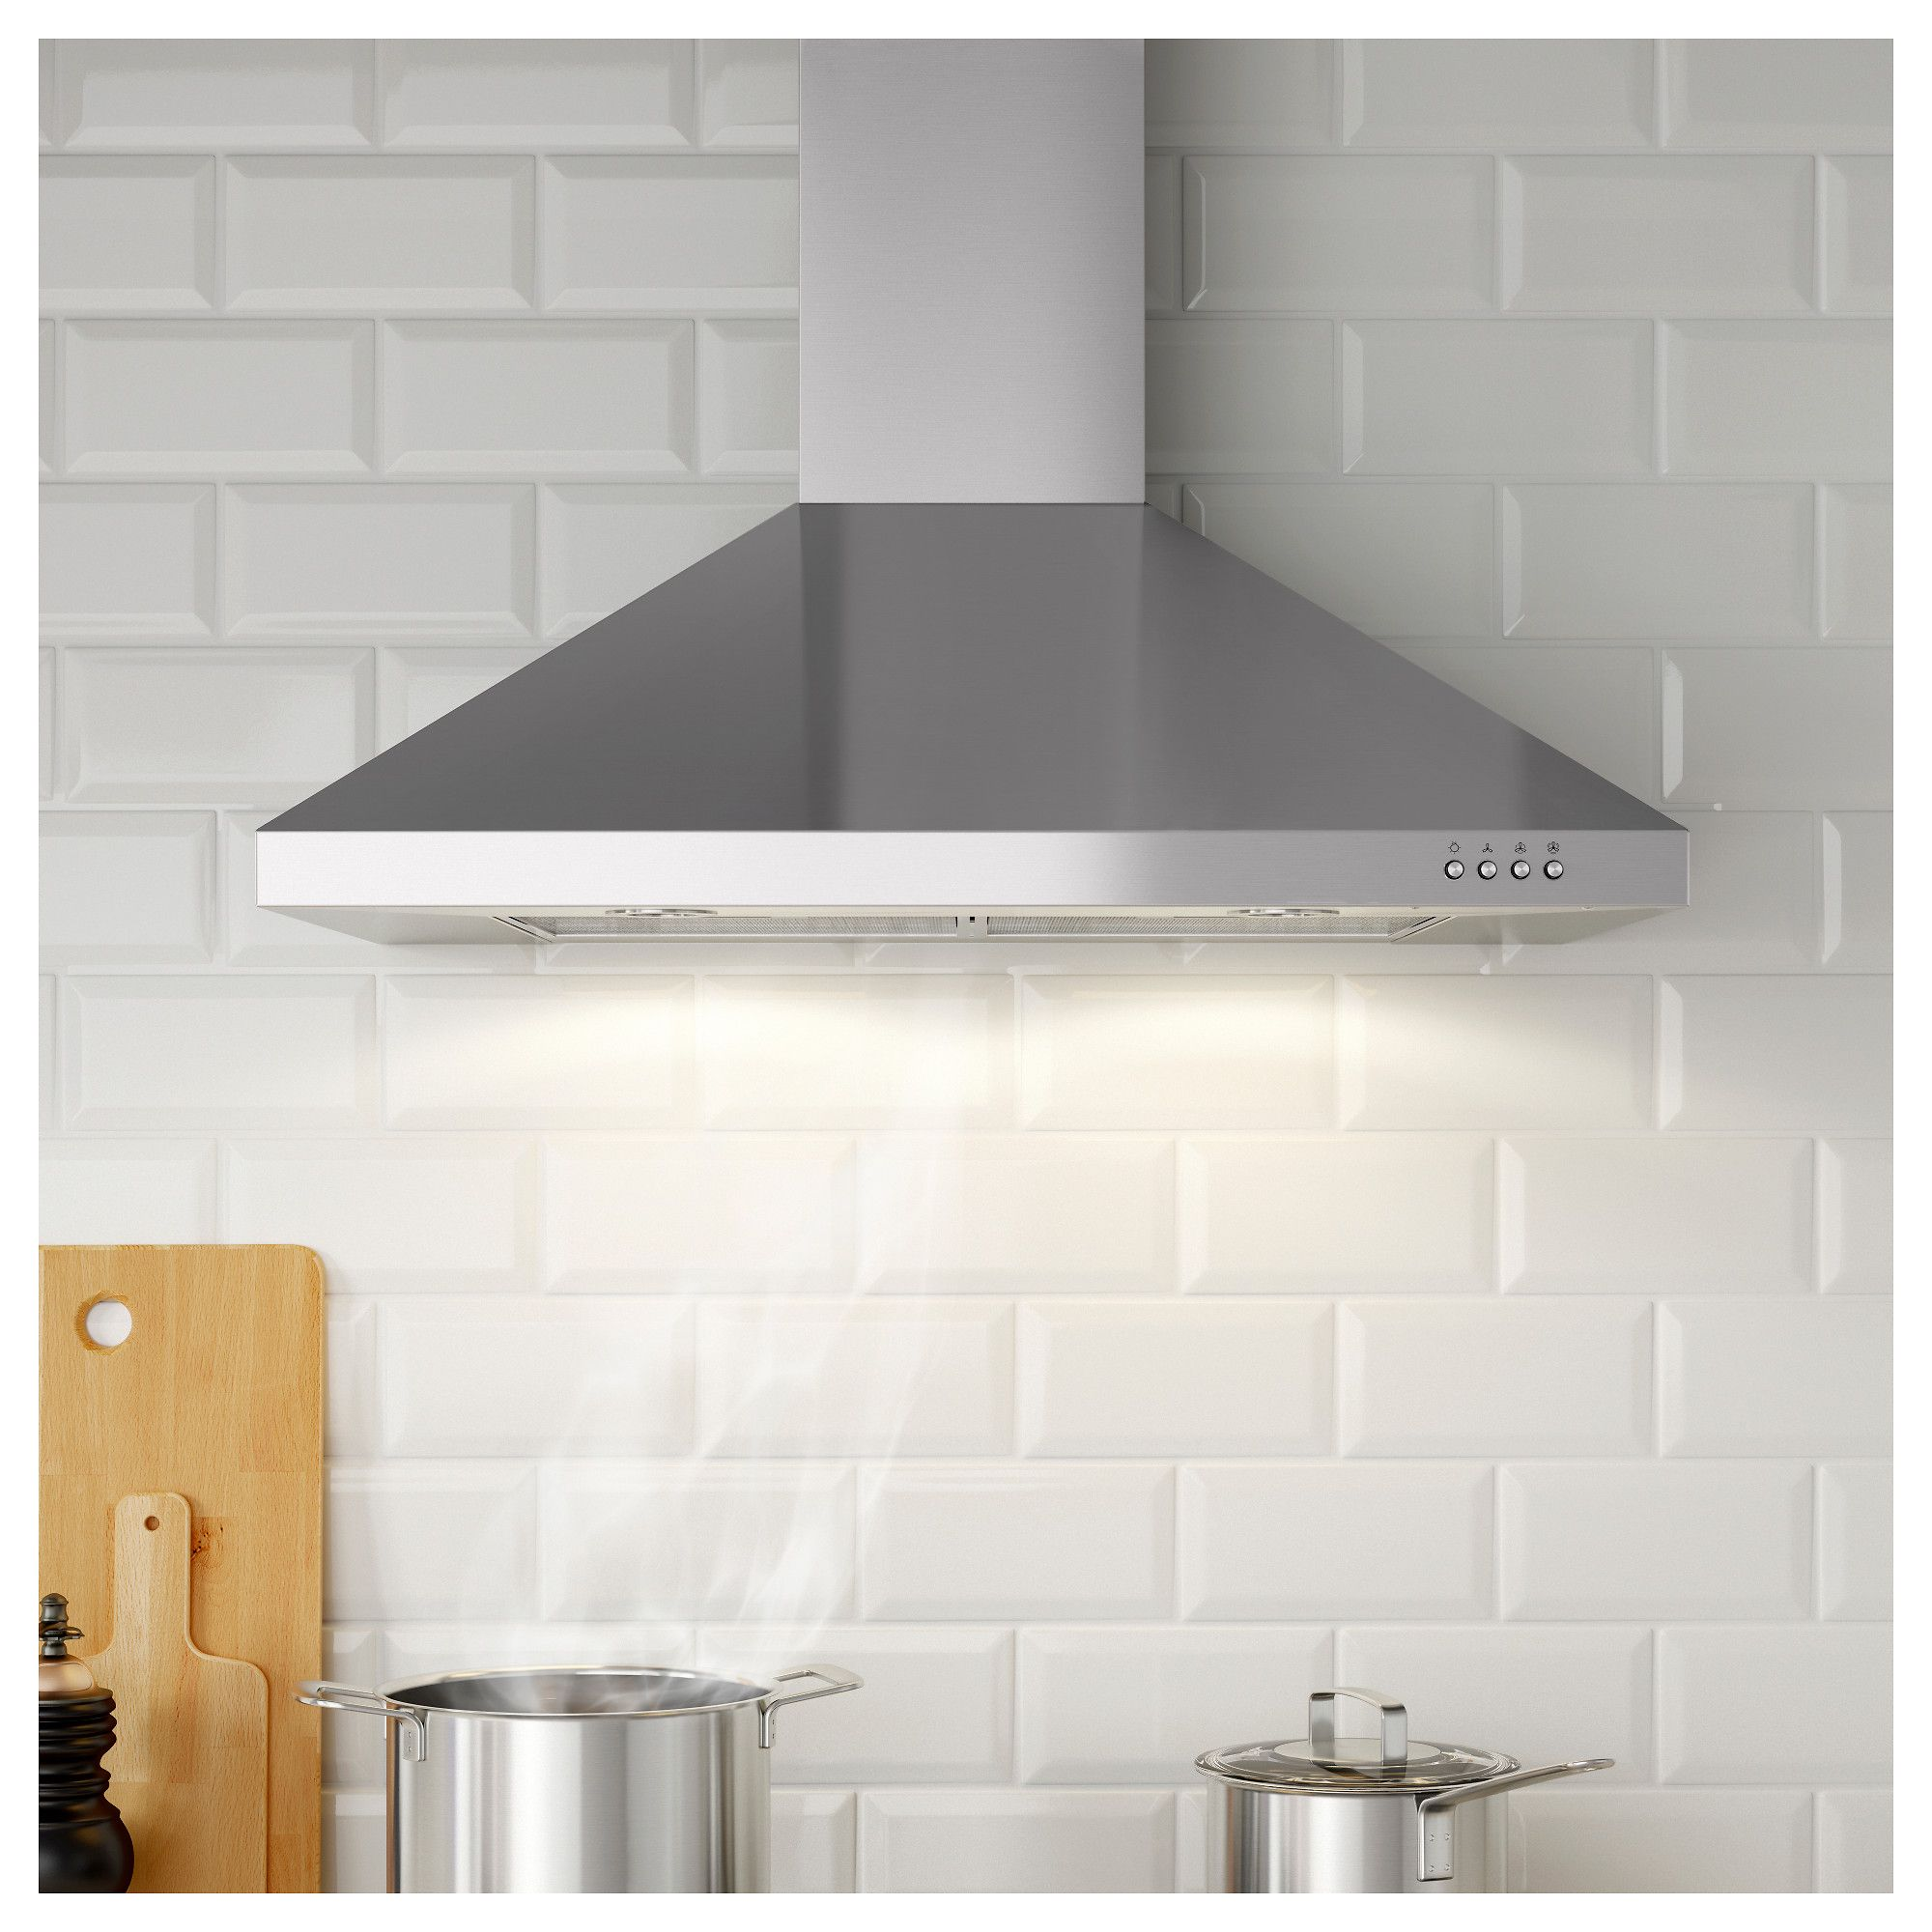 Ikea Luftig Exhaust Hood Stainless Steel Campanas De Cocina Extractores De Cocina Ikea